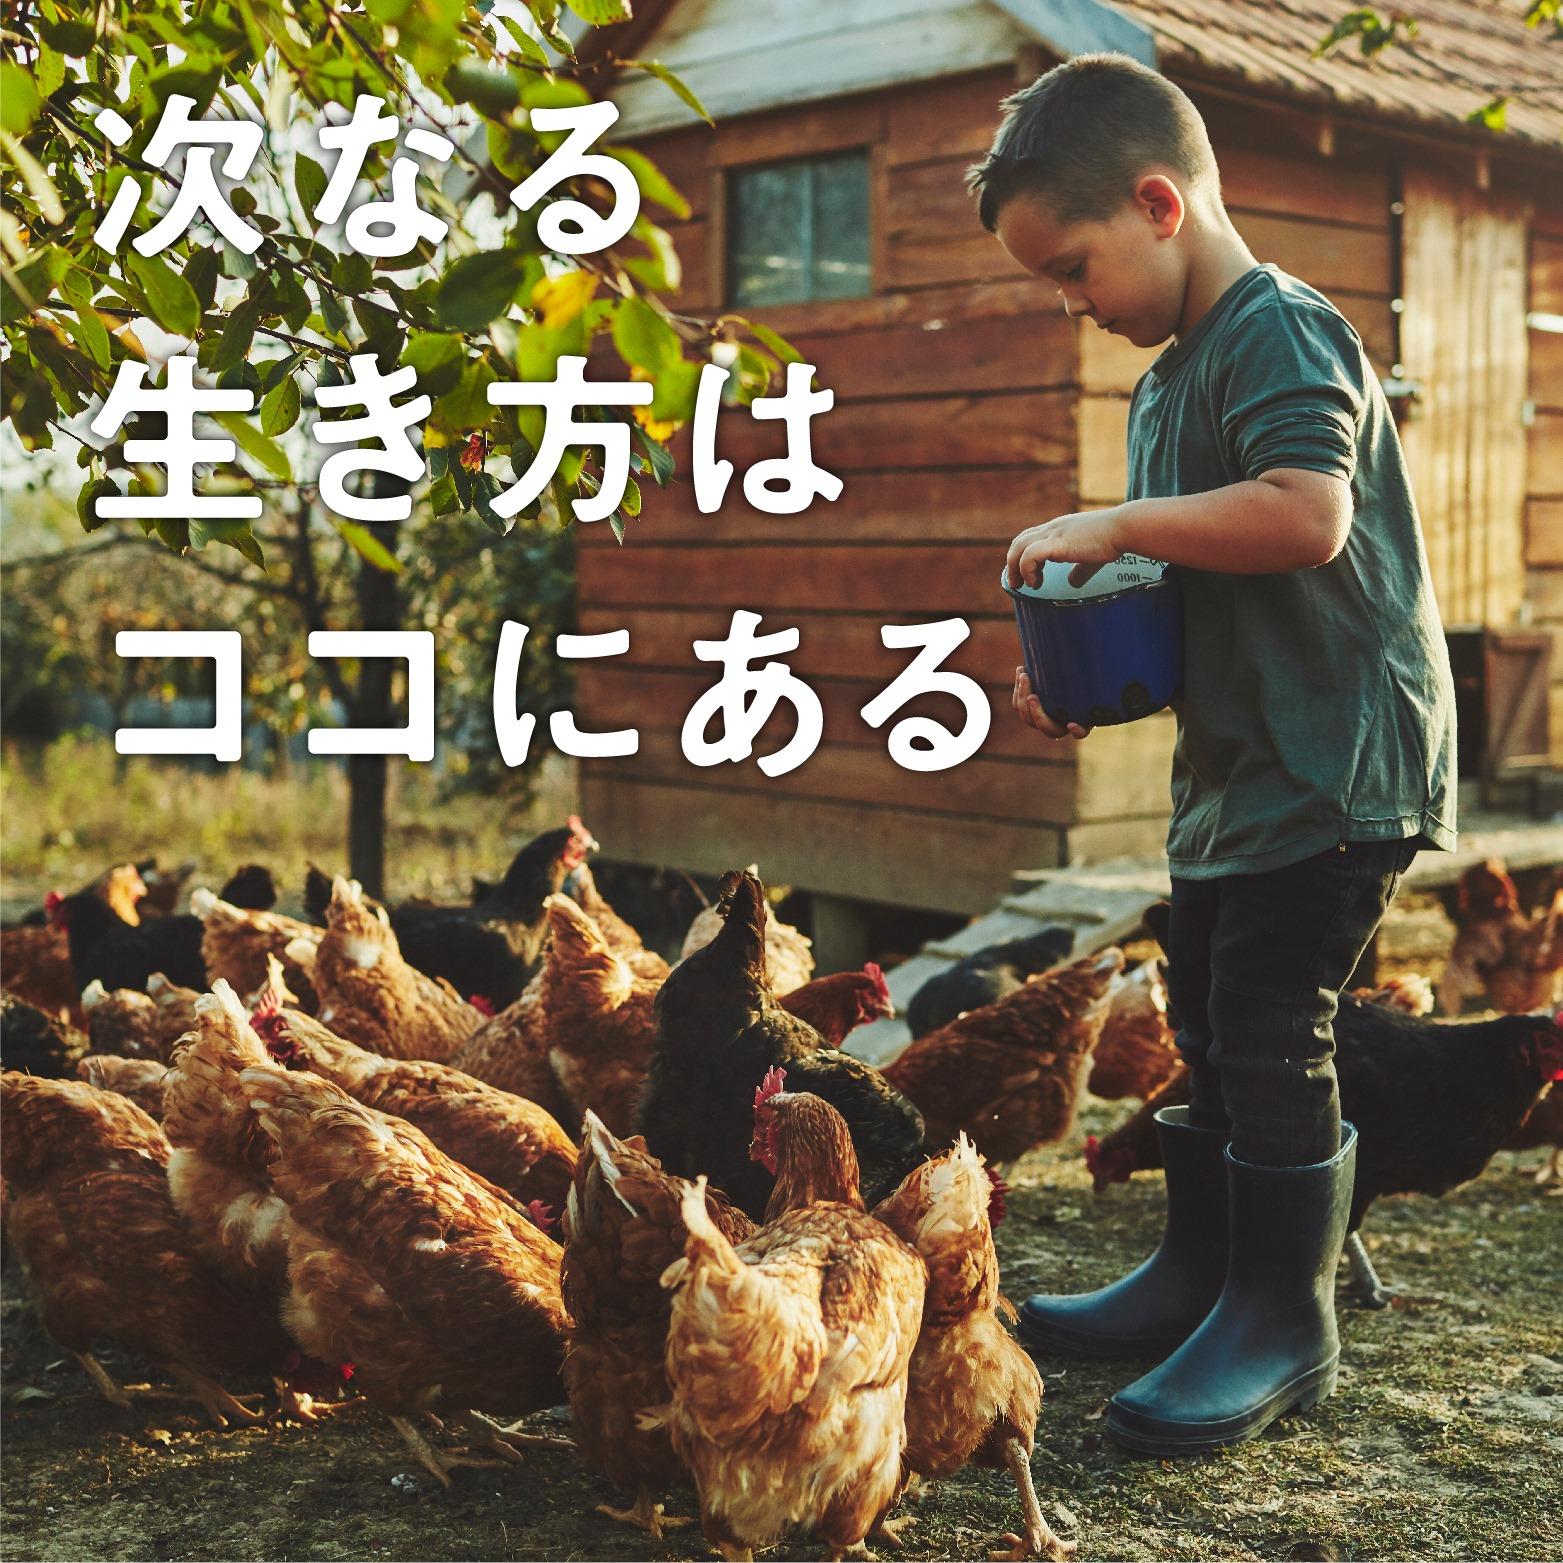 コンパクト農ライフスクール